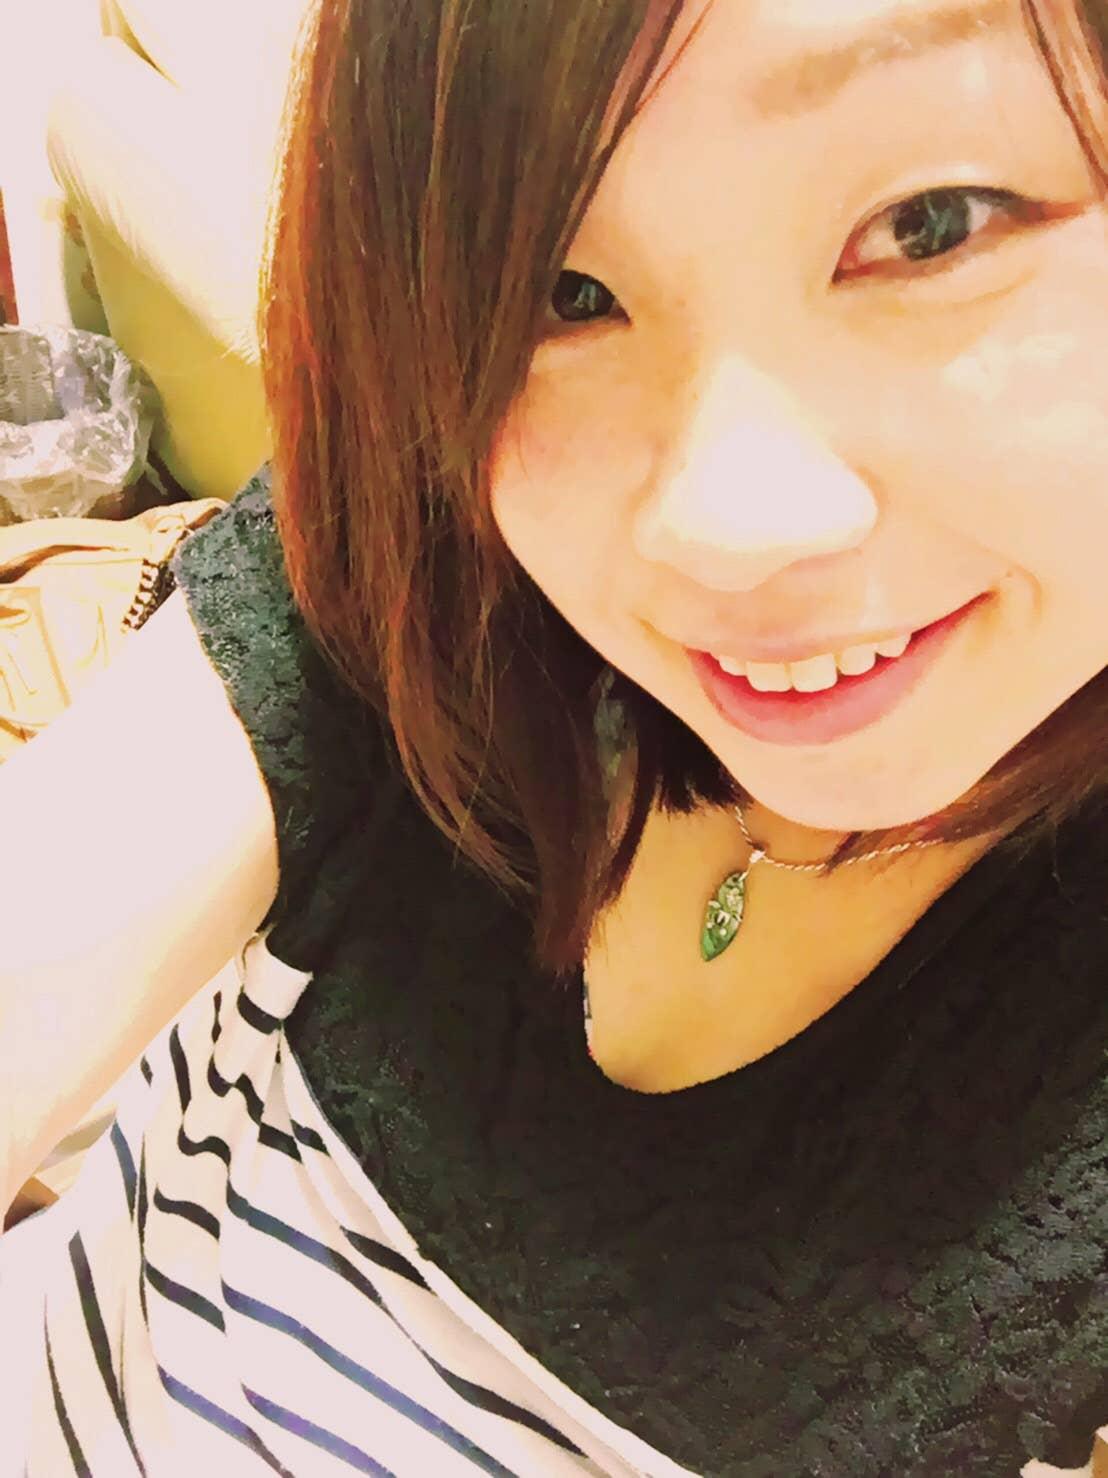 Ayumi Gouma